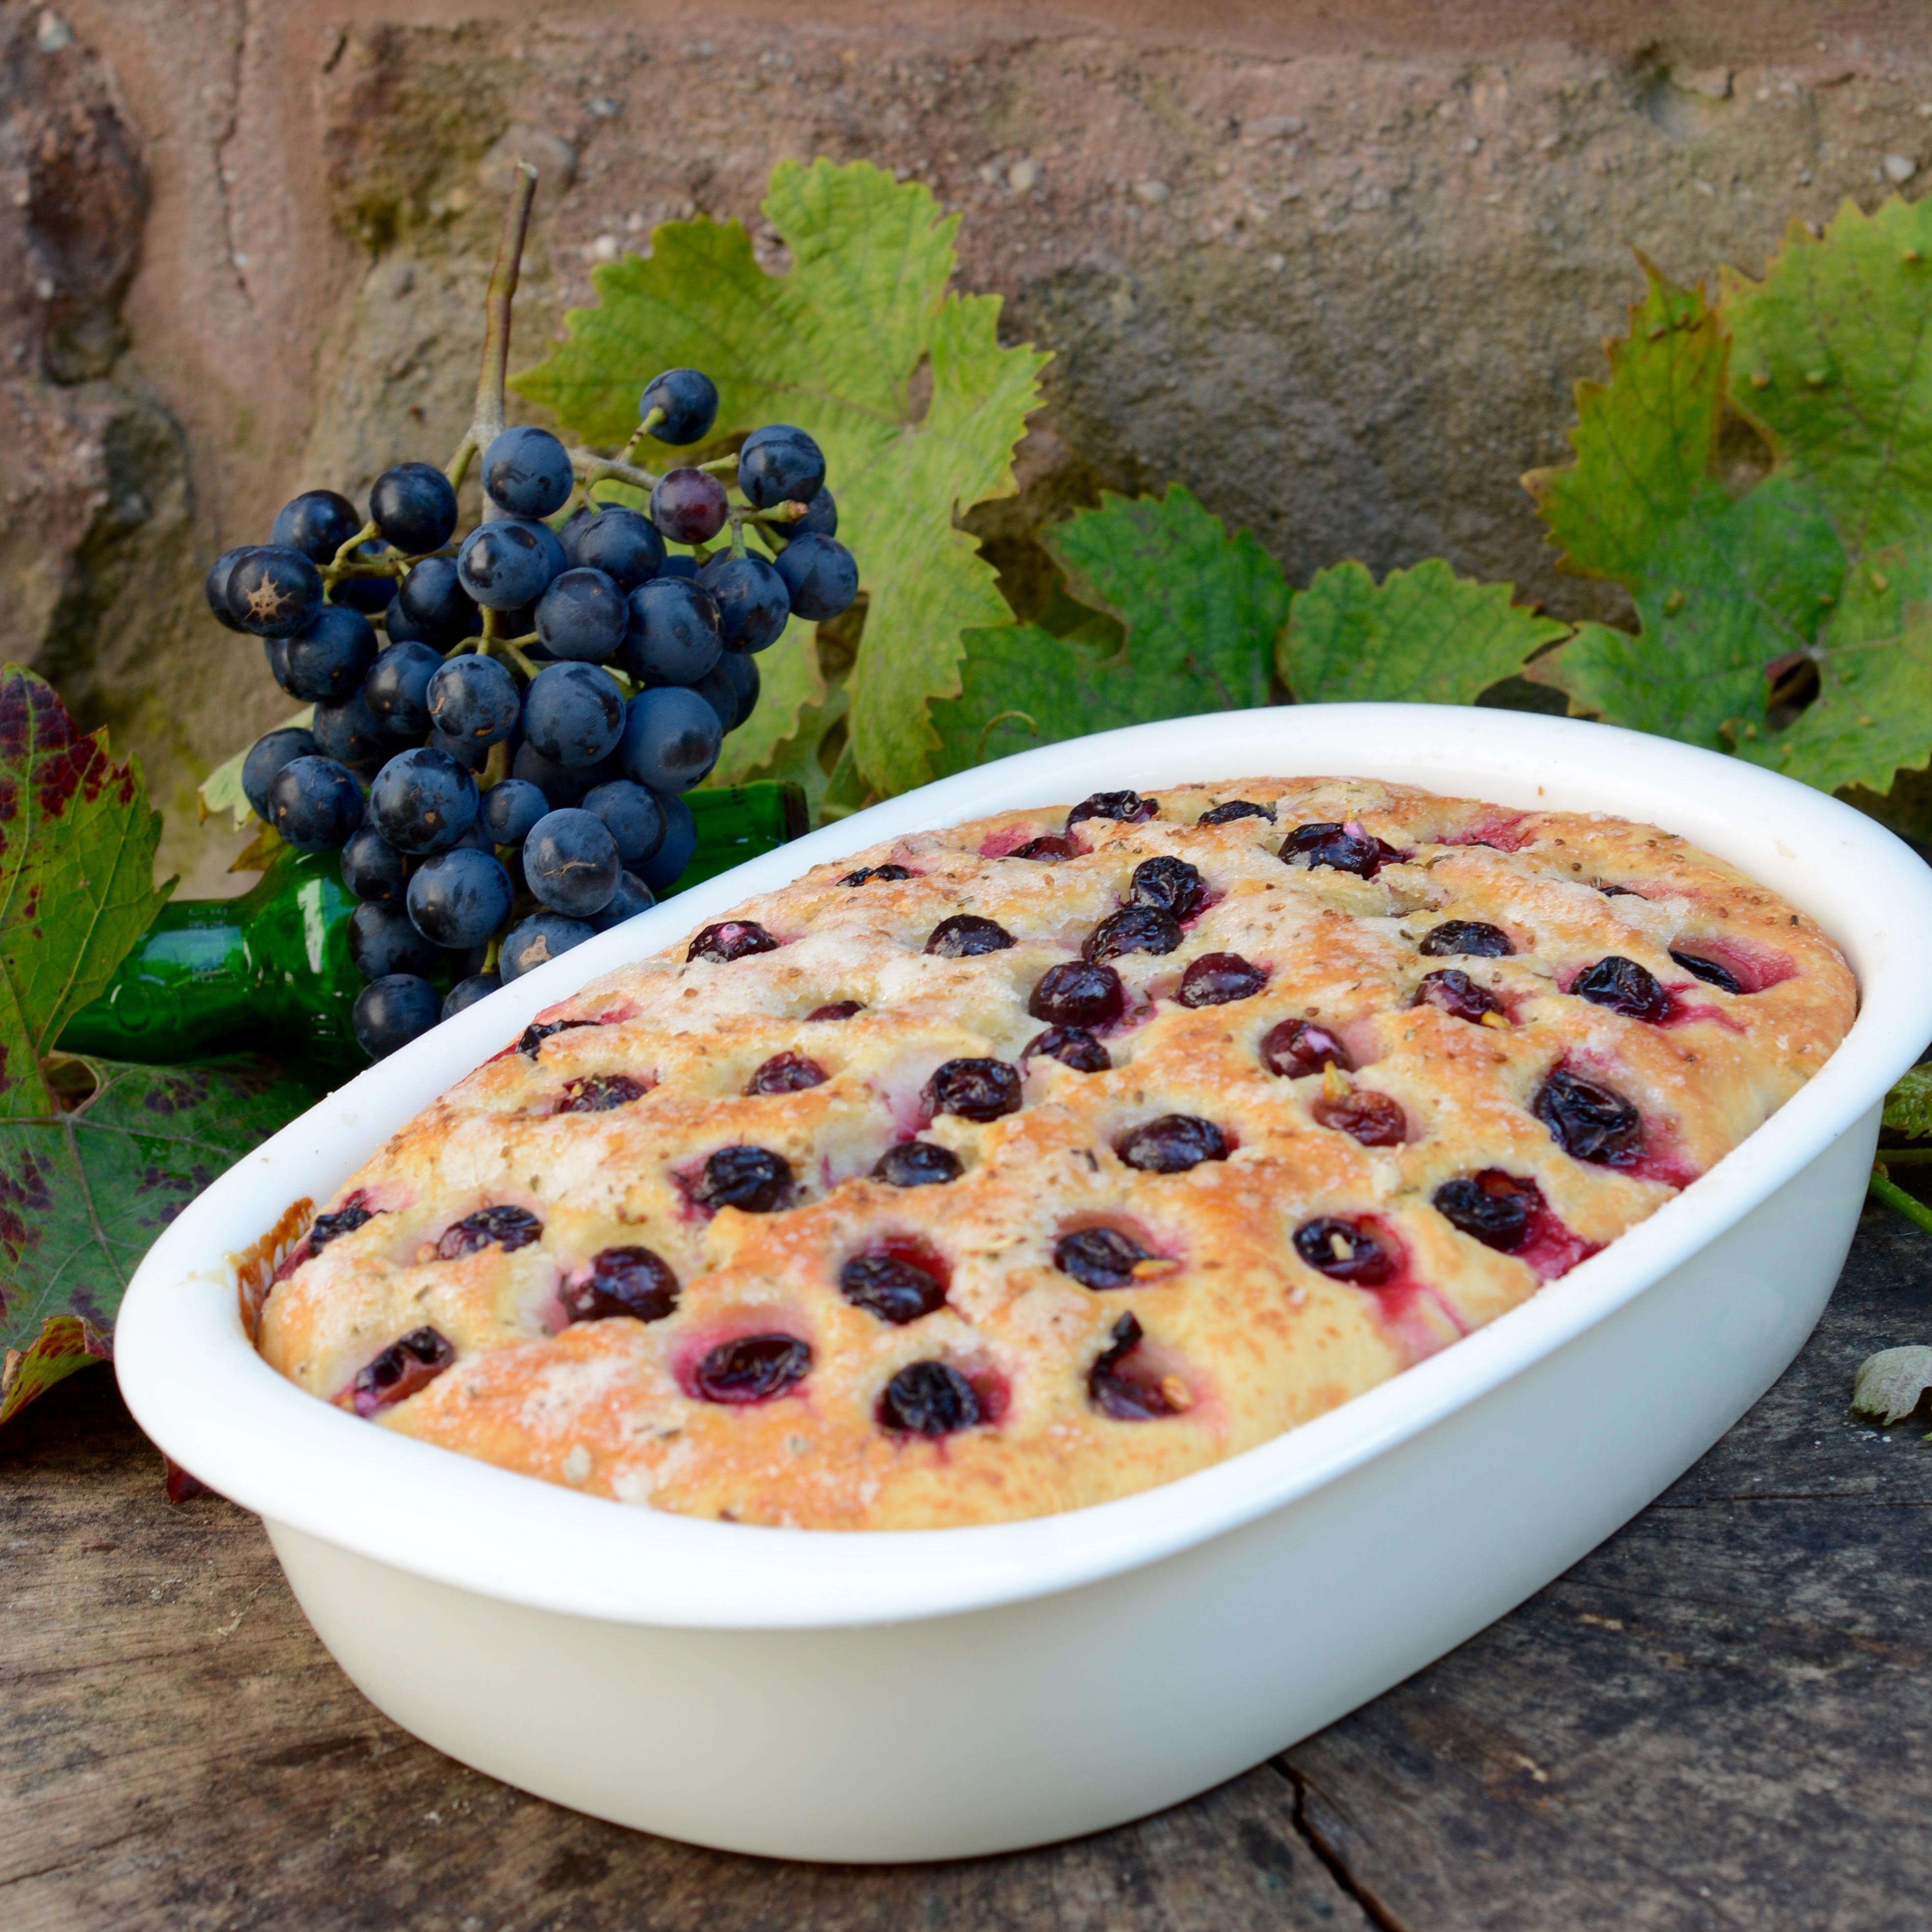 Schiacciata all'uva - Trauben-Focaccia